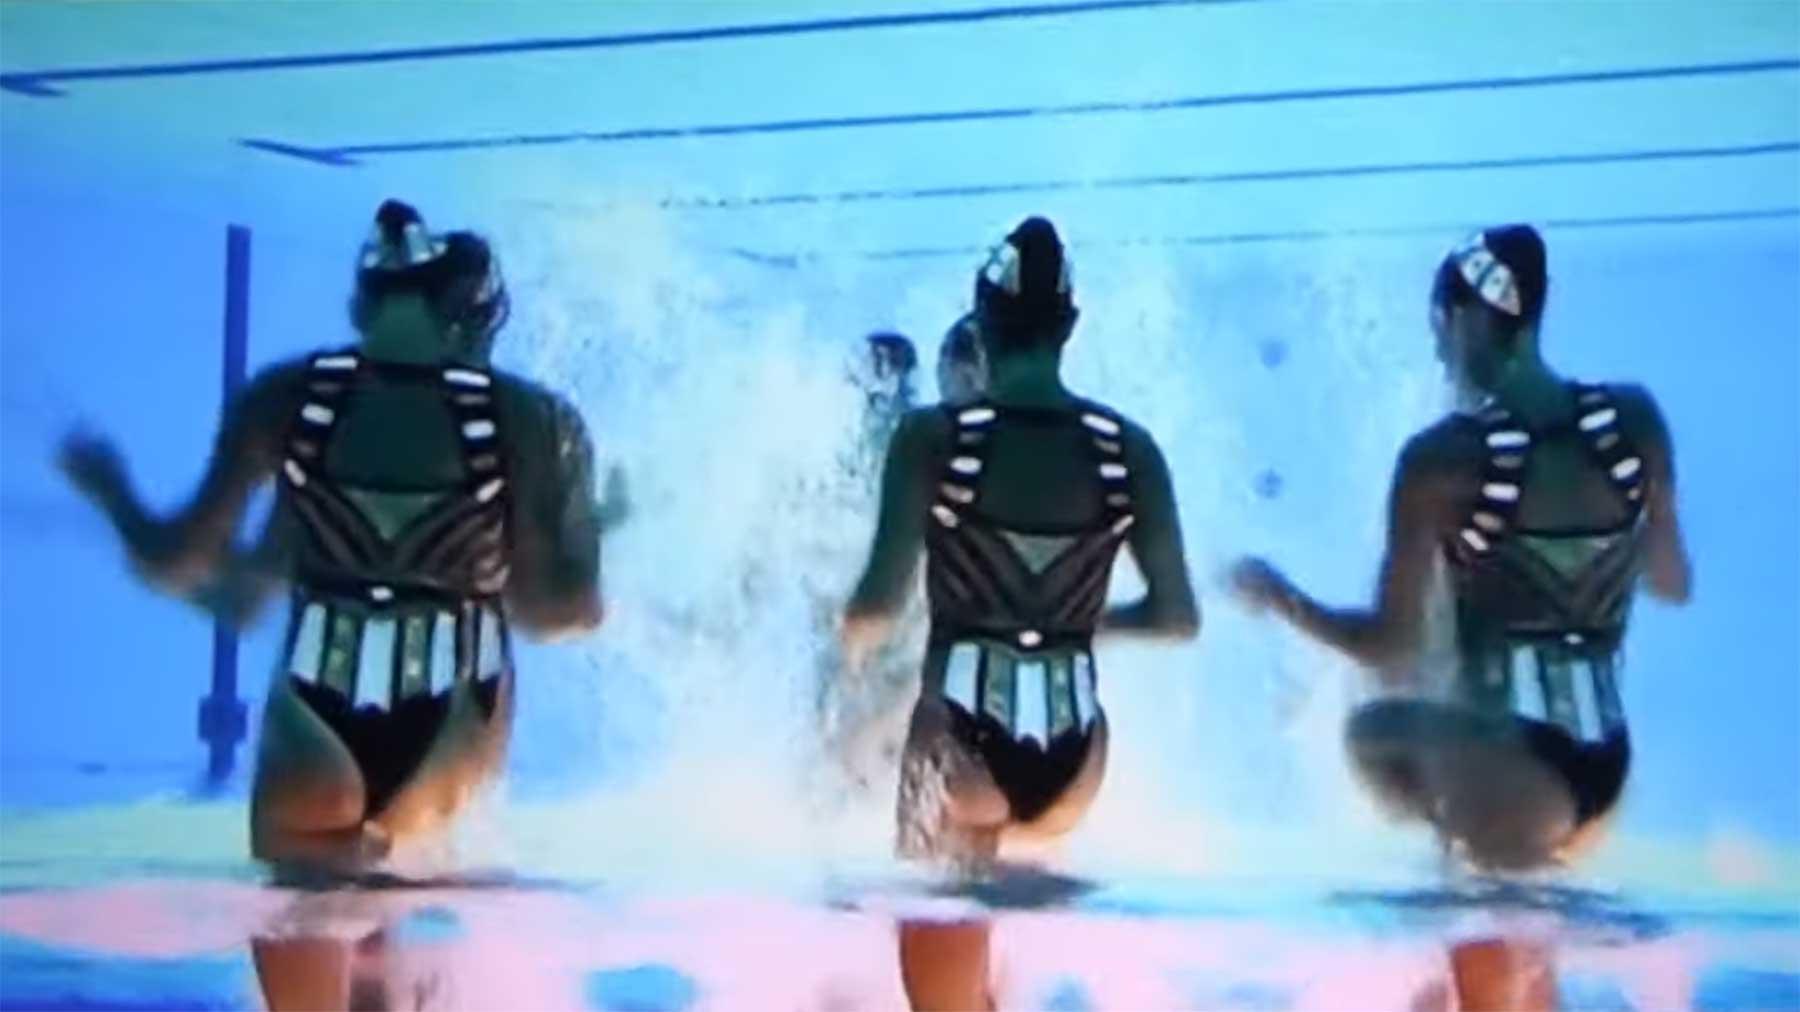 Synchronschwimm-Unterwasseraufnahmen auf den Kopf gestellt Overwater-tokio-2020